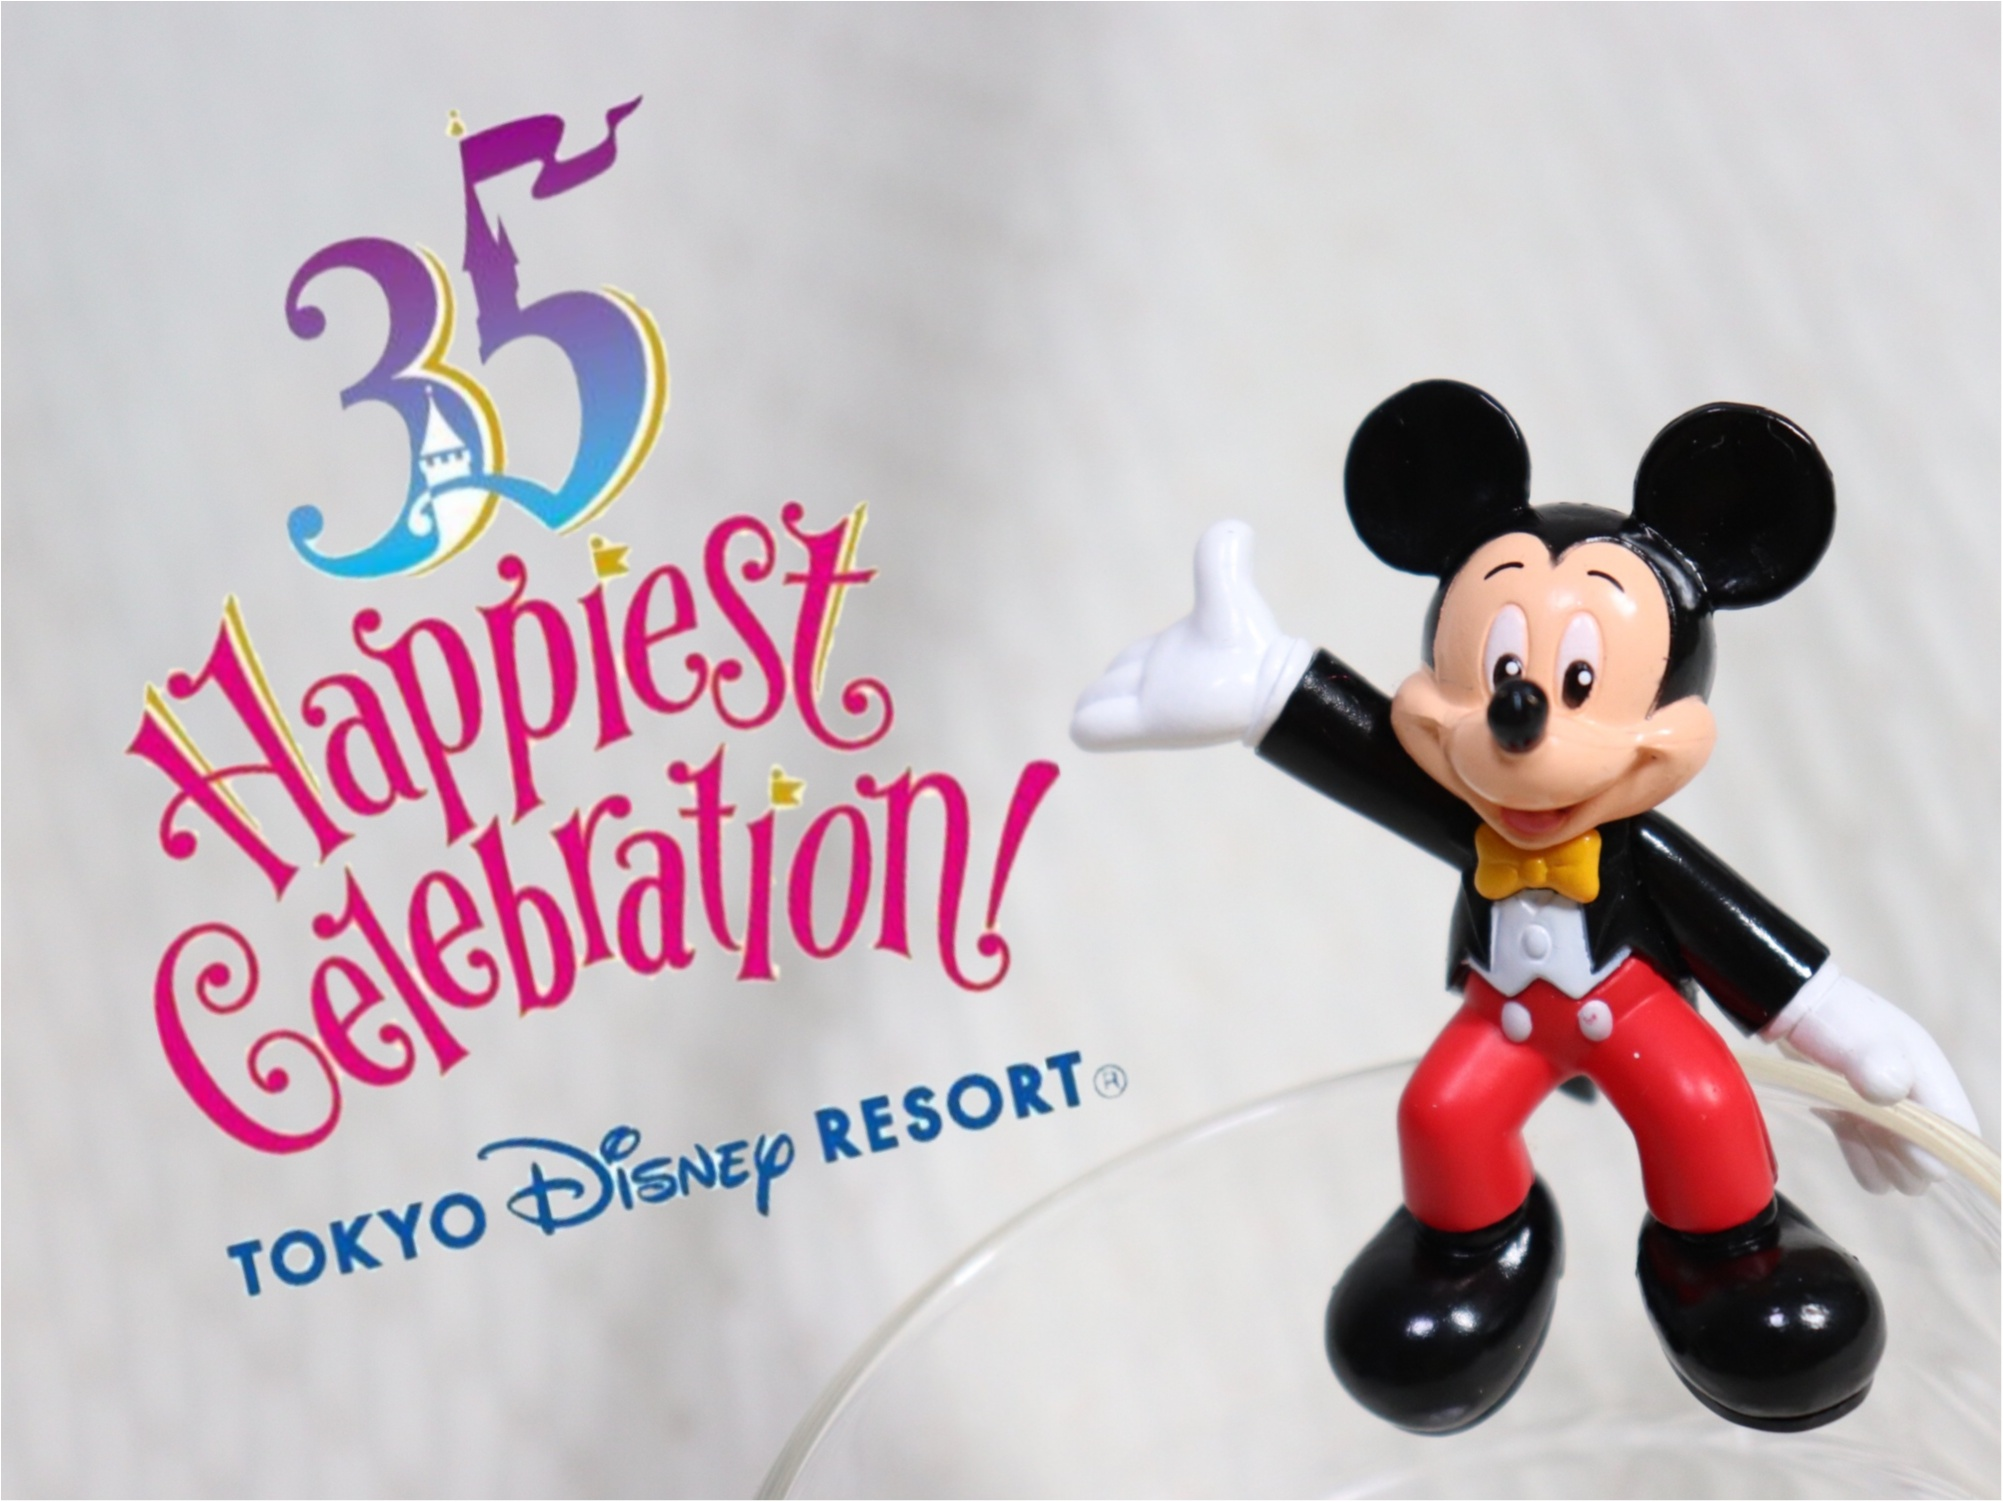 ▷【東京ディズニーリゾート35周年】購入せずにはいられないHappinest celebrationグッズ!!_1